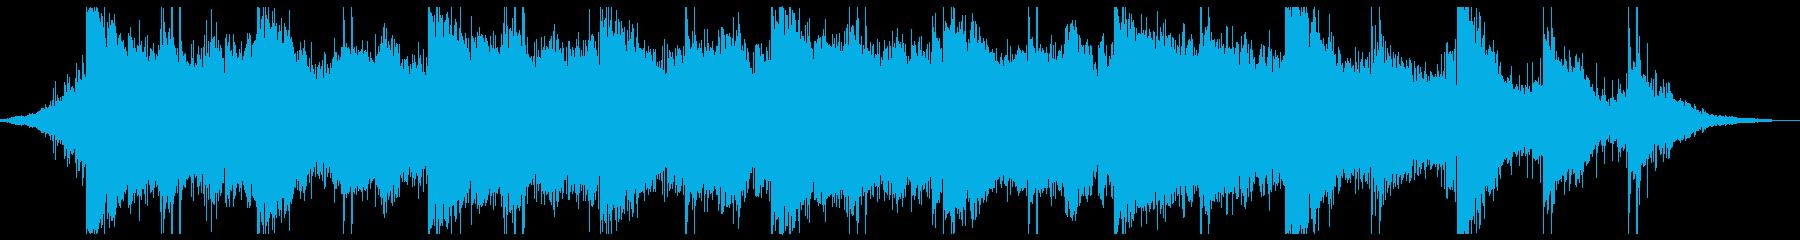 EBOWギターのスローテクノの再生済みの波形